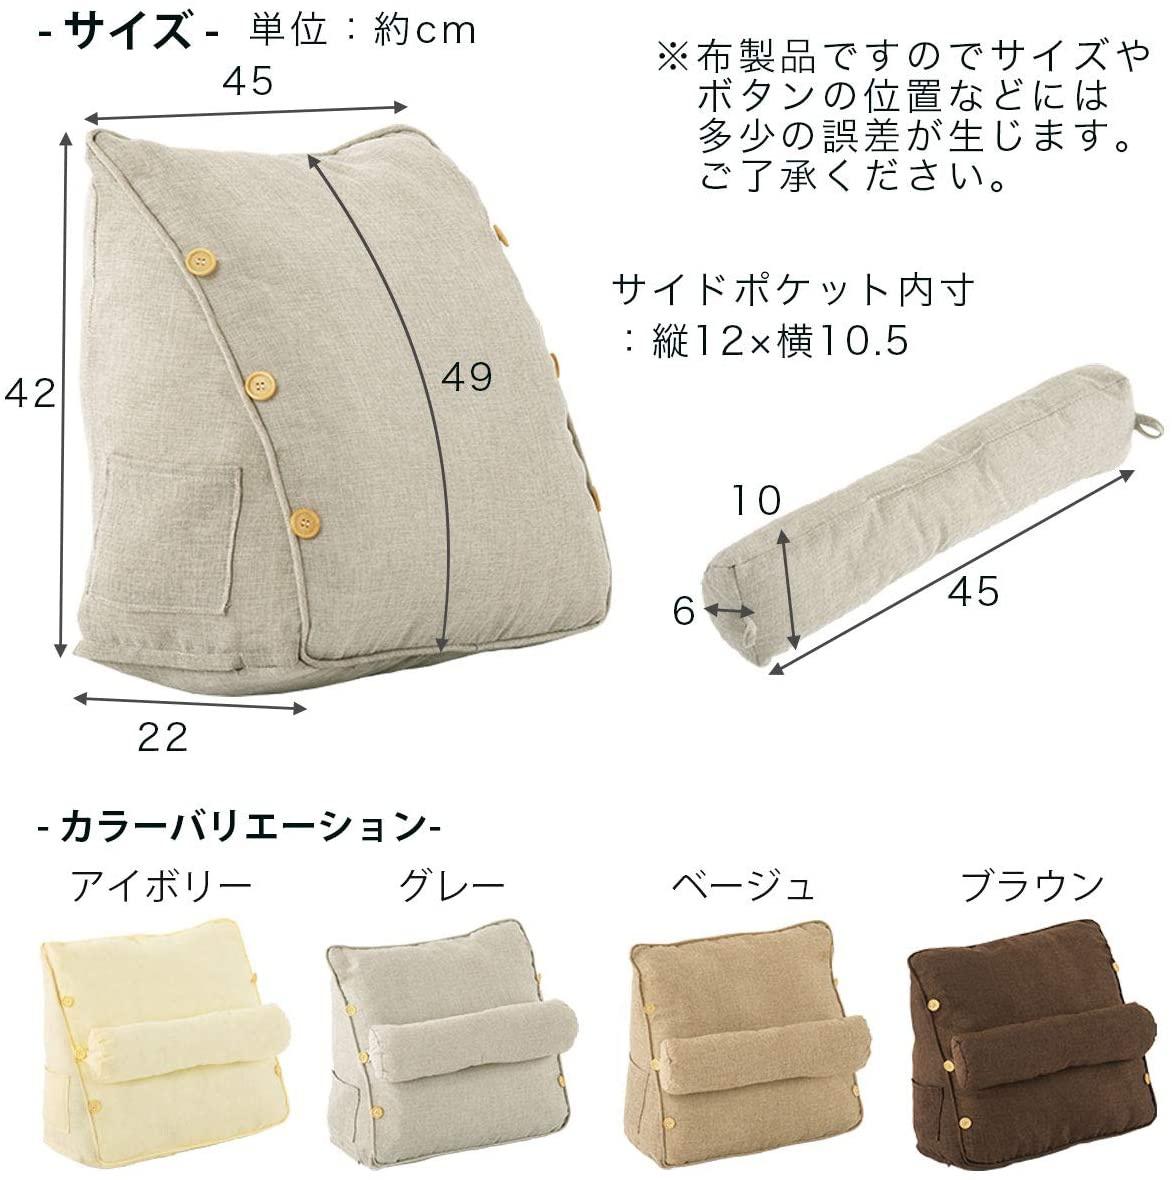 ぼん家具 三角クッションの商品画像6